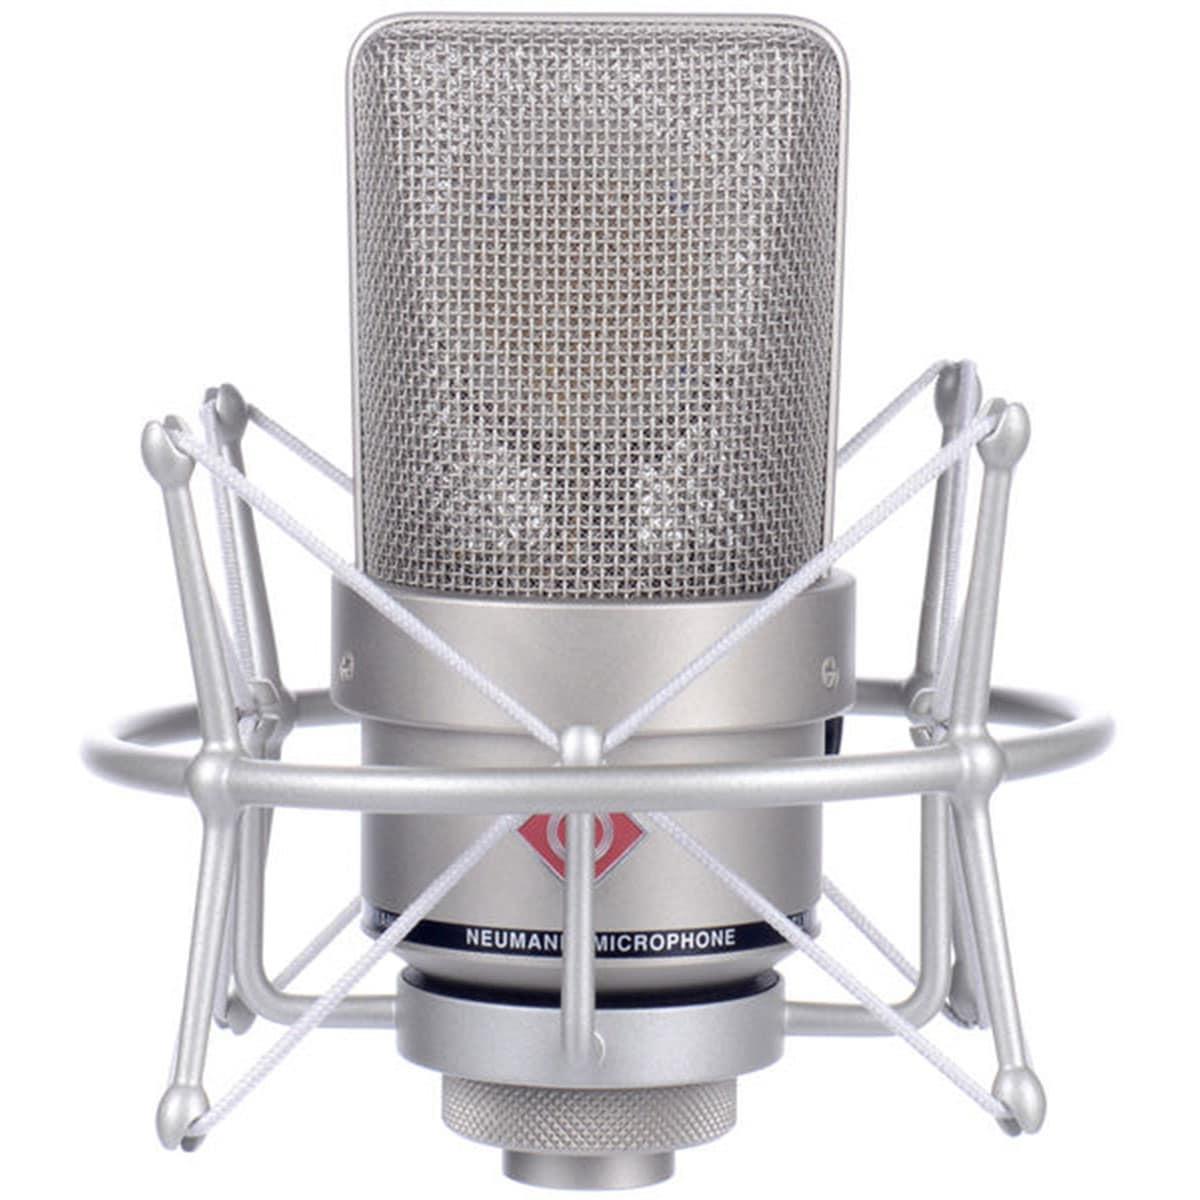 Neumann TLM 103 Studio Set EA4 02 Microfoni a Condensatore, Microfoni professionali, Strumentazioni Pro Audio per studi di registrazione